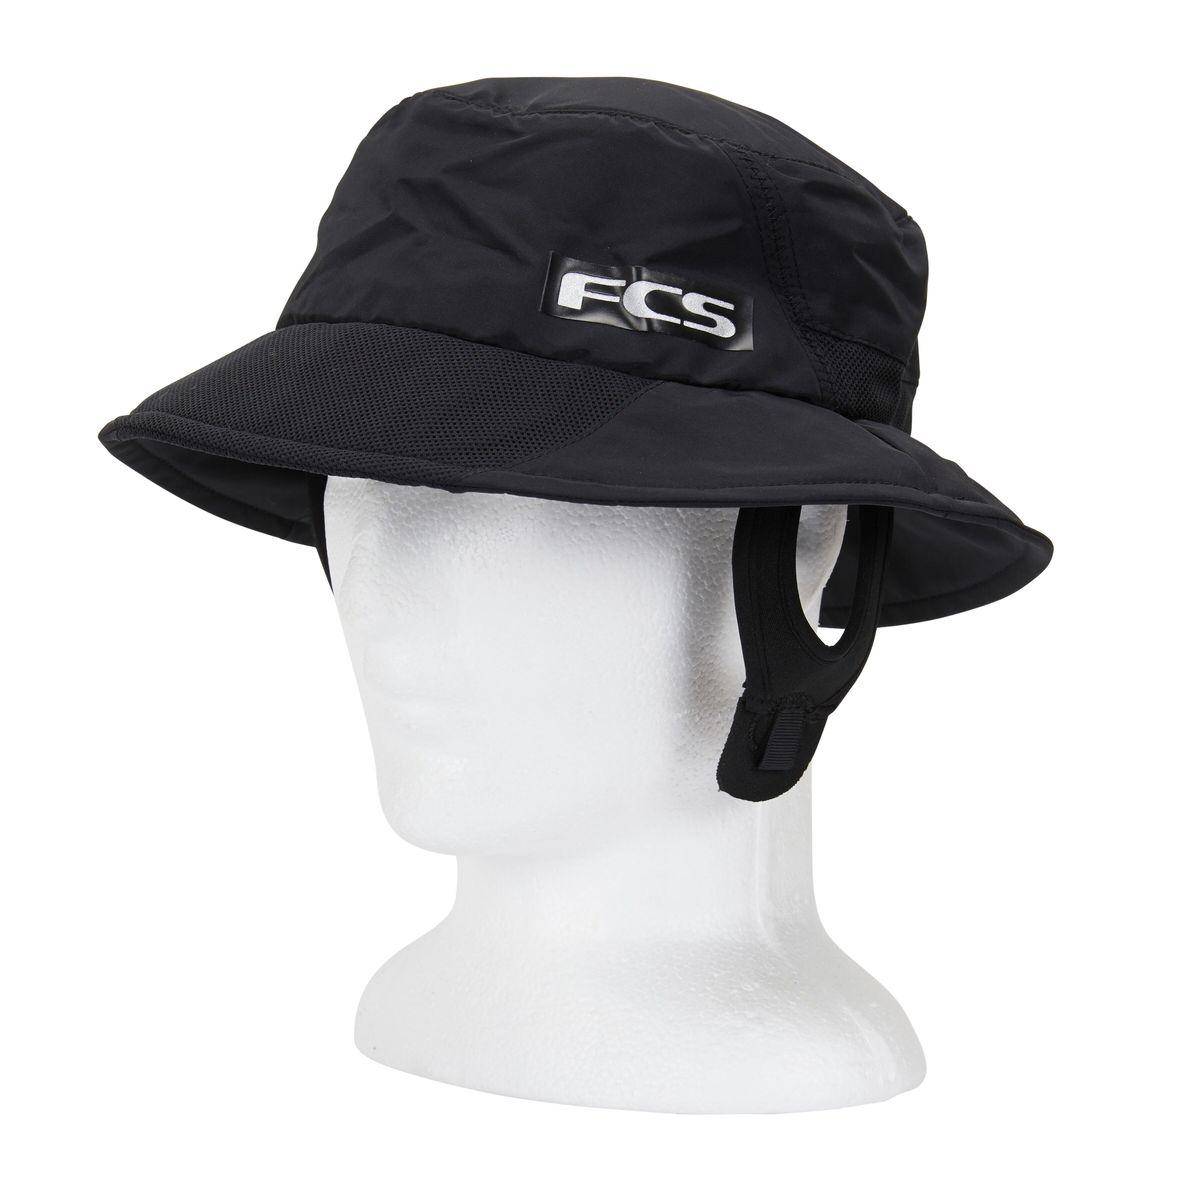 大幅にプライスダウン 送料無料 いよいよ人気ブランド FCS サーフハット ESSENTIAL SURF BUCKET HAT サーフィン エフシーエス ハット BLACK